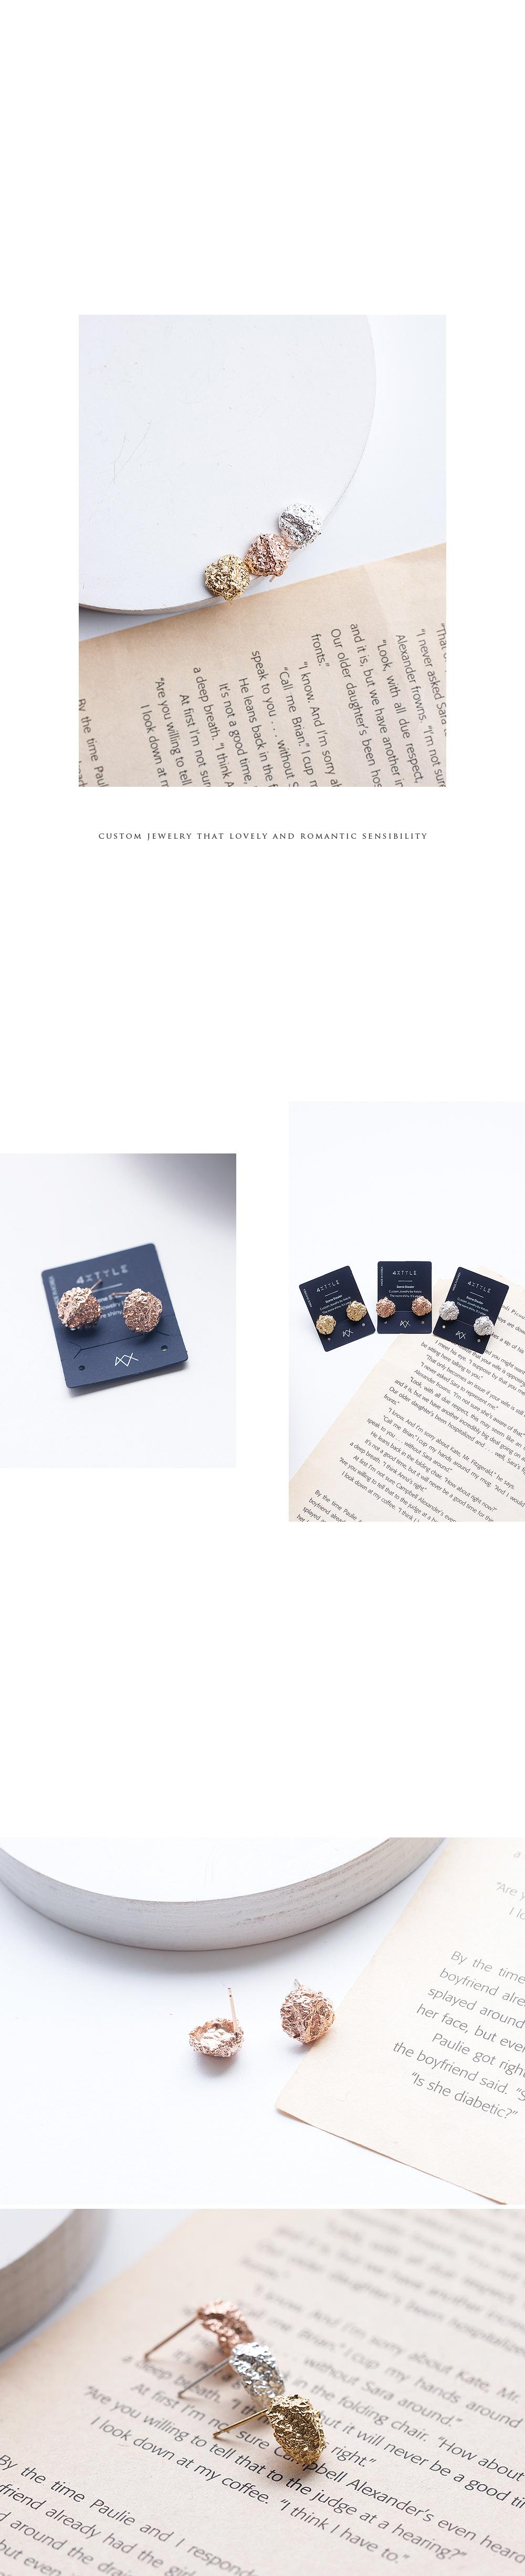 [실버] 미끄마끄 귀걸이 - 폭스타일, 19,000원, 실버, 드롭귀걸이